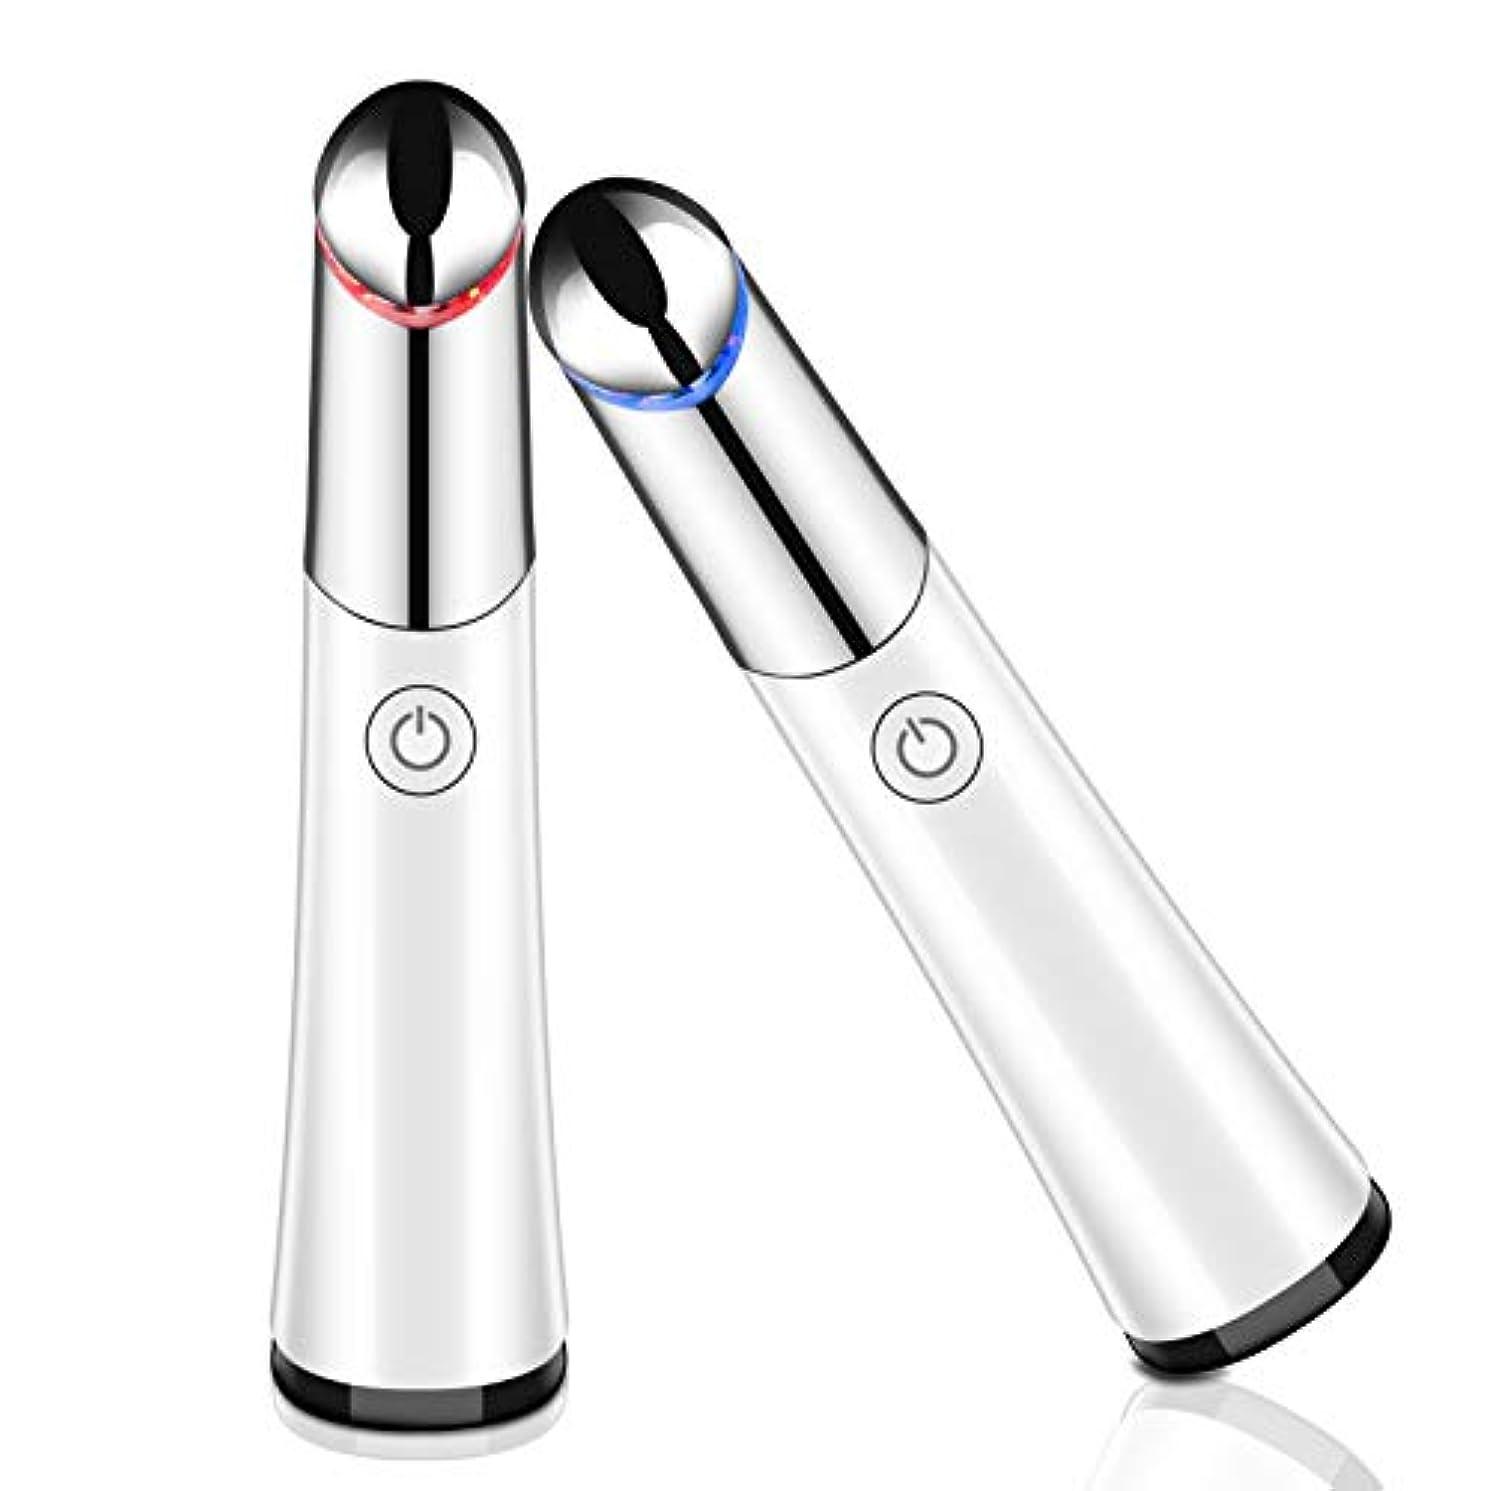 圧縮克服する無実目元ケア 超音波美顔器 温熱マッサージ 光エステ イオン導入 振動 USB充電式 口元ケア 美肌 くま たるみ シワ 目袋改善 法令線改善